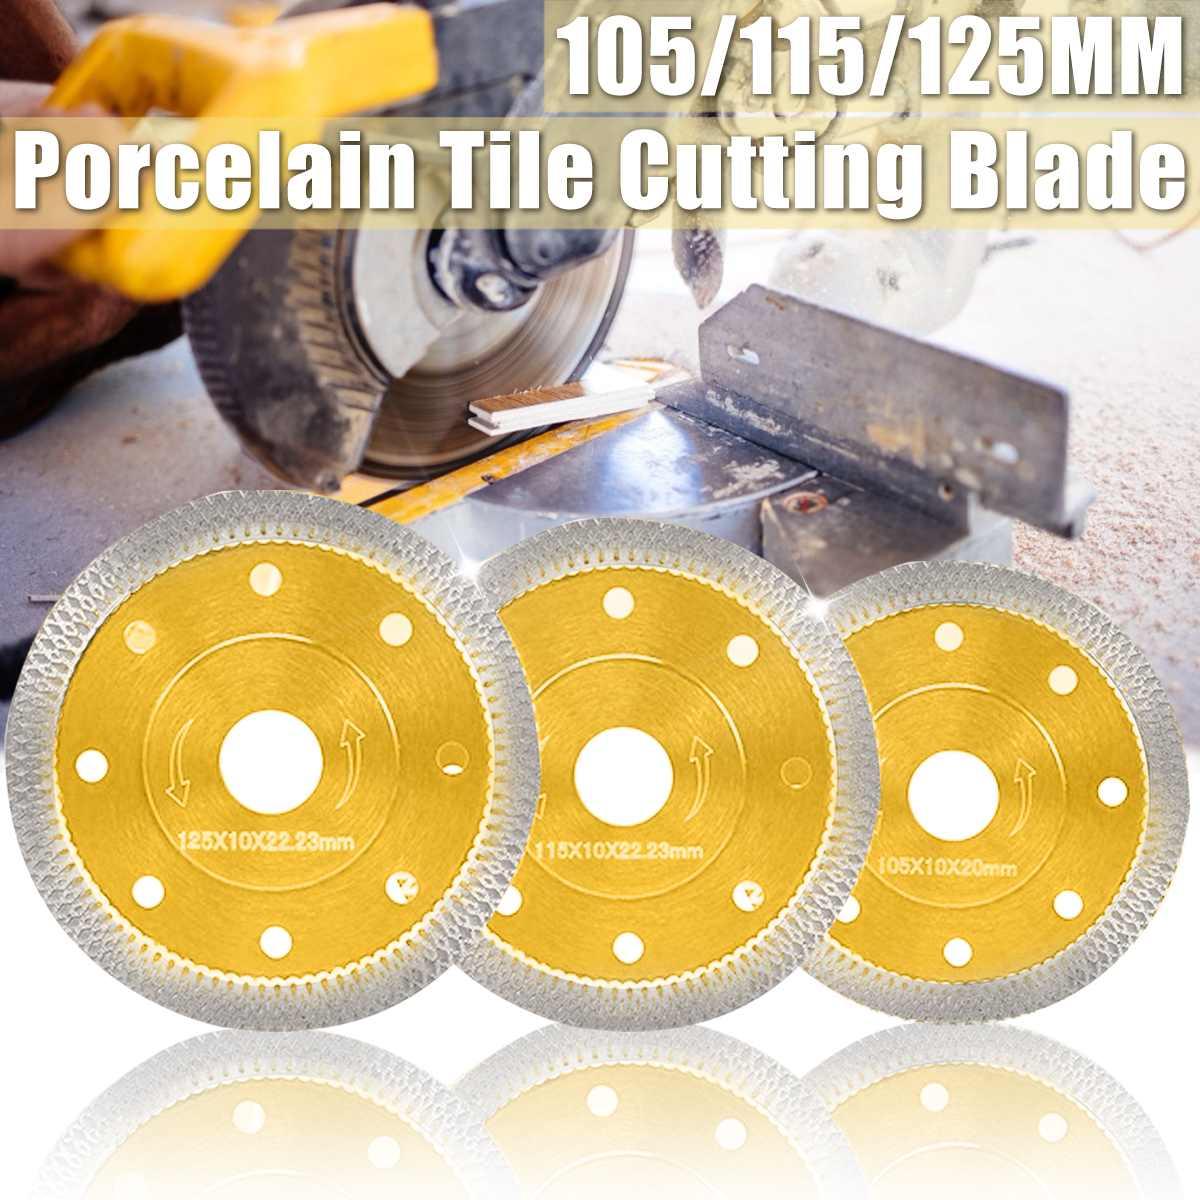 105/115/125mm diamante viu lâminas de corte de mármore lâminas ângulo moedor lâmina porcelana telha lâminas corte roda mármore